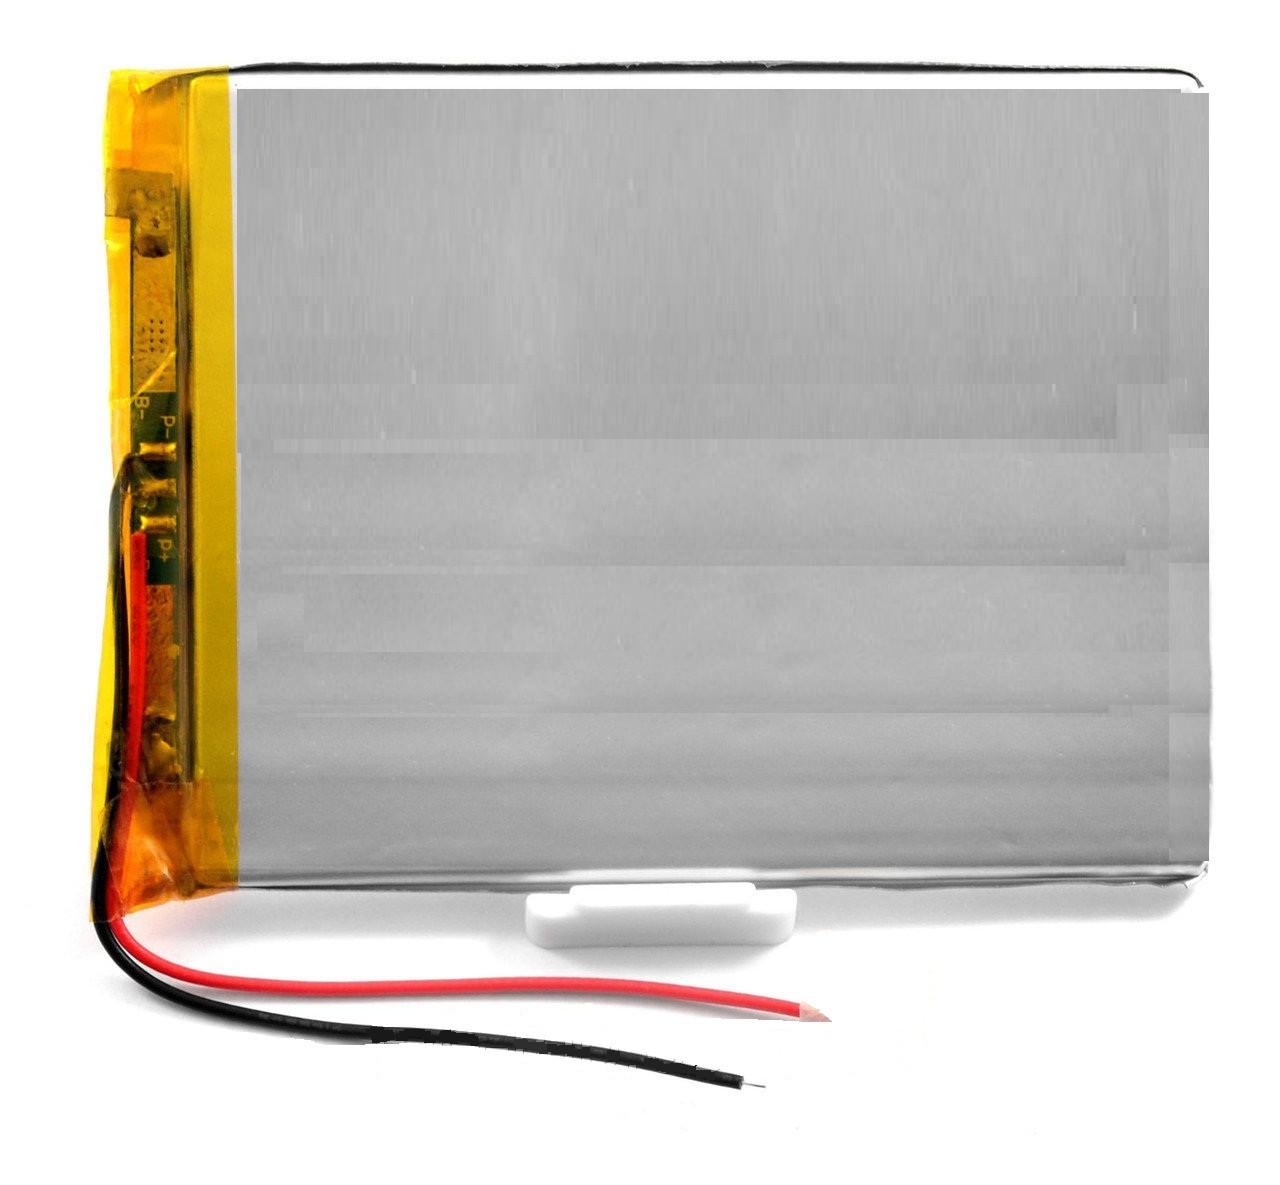 Оригинальный Универсальный Внутренний Аккумулятор АКБ 3077100P 104*79*3, 2 pin (Li-ion 3.7V 4000mAh)